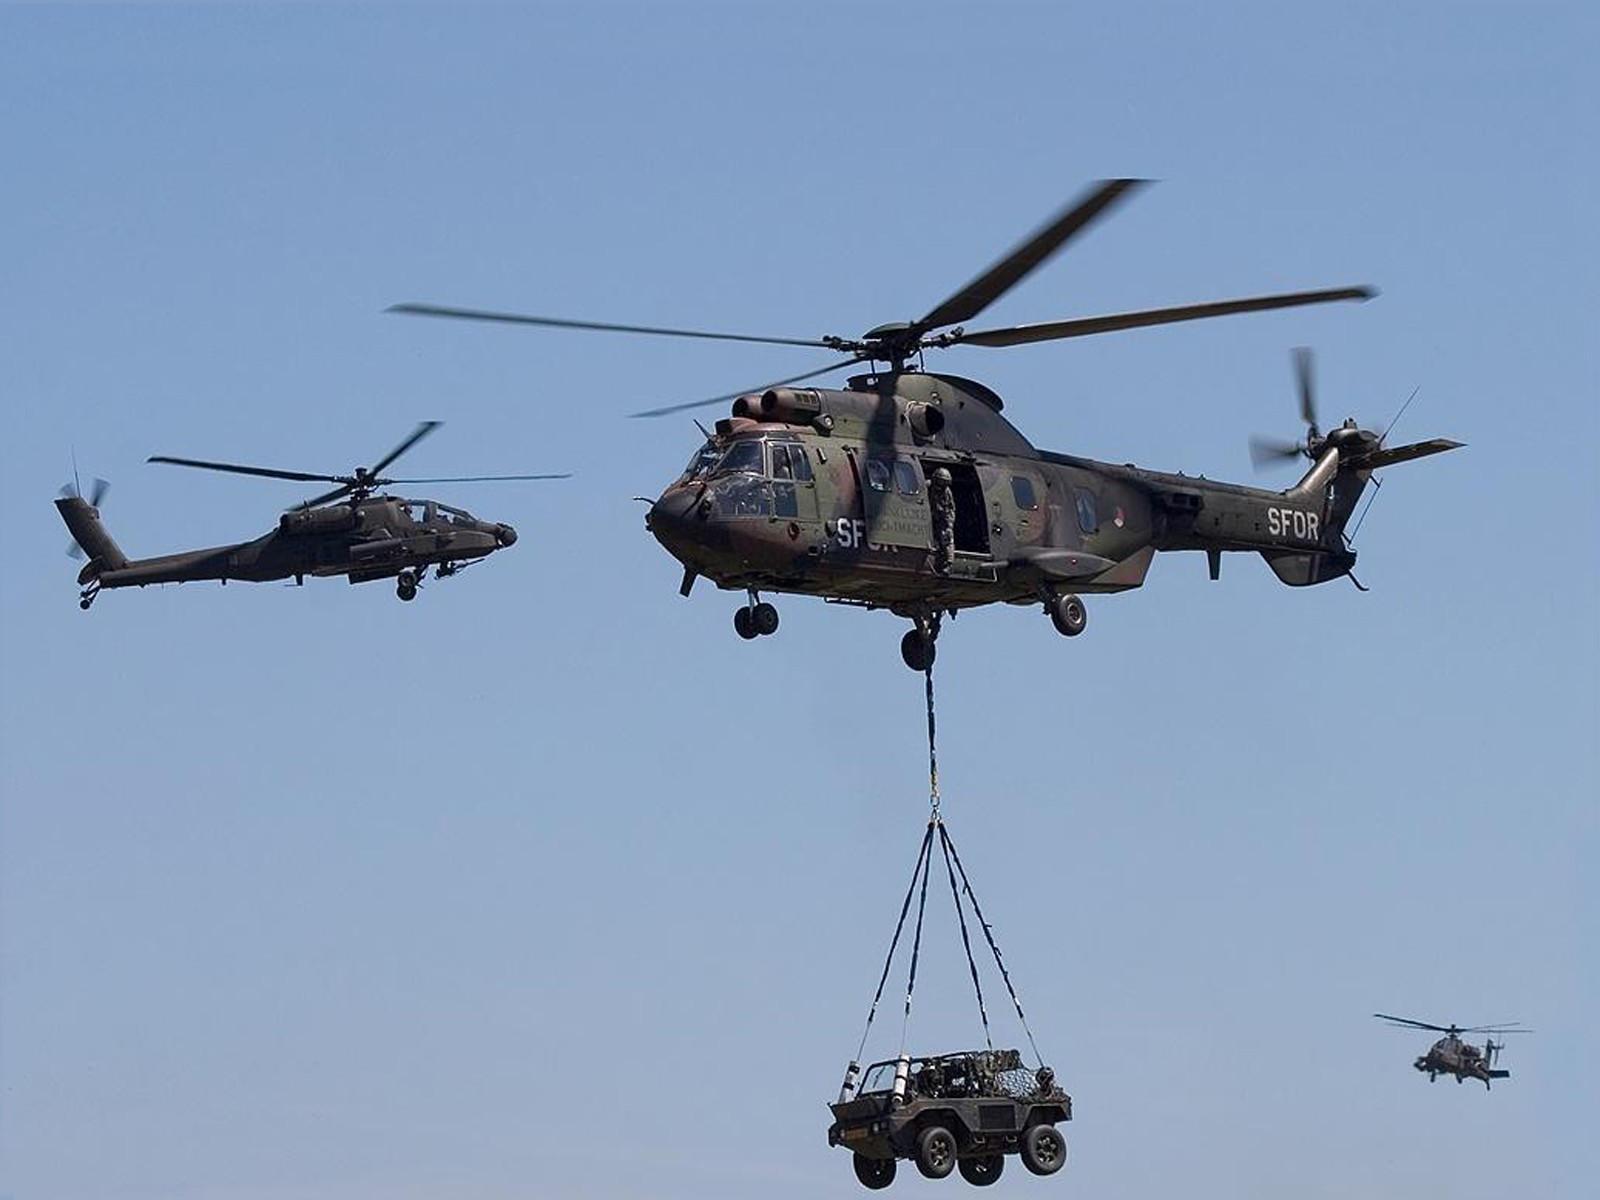 Военные вертолеты перевозят боевую машину